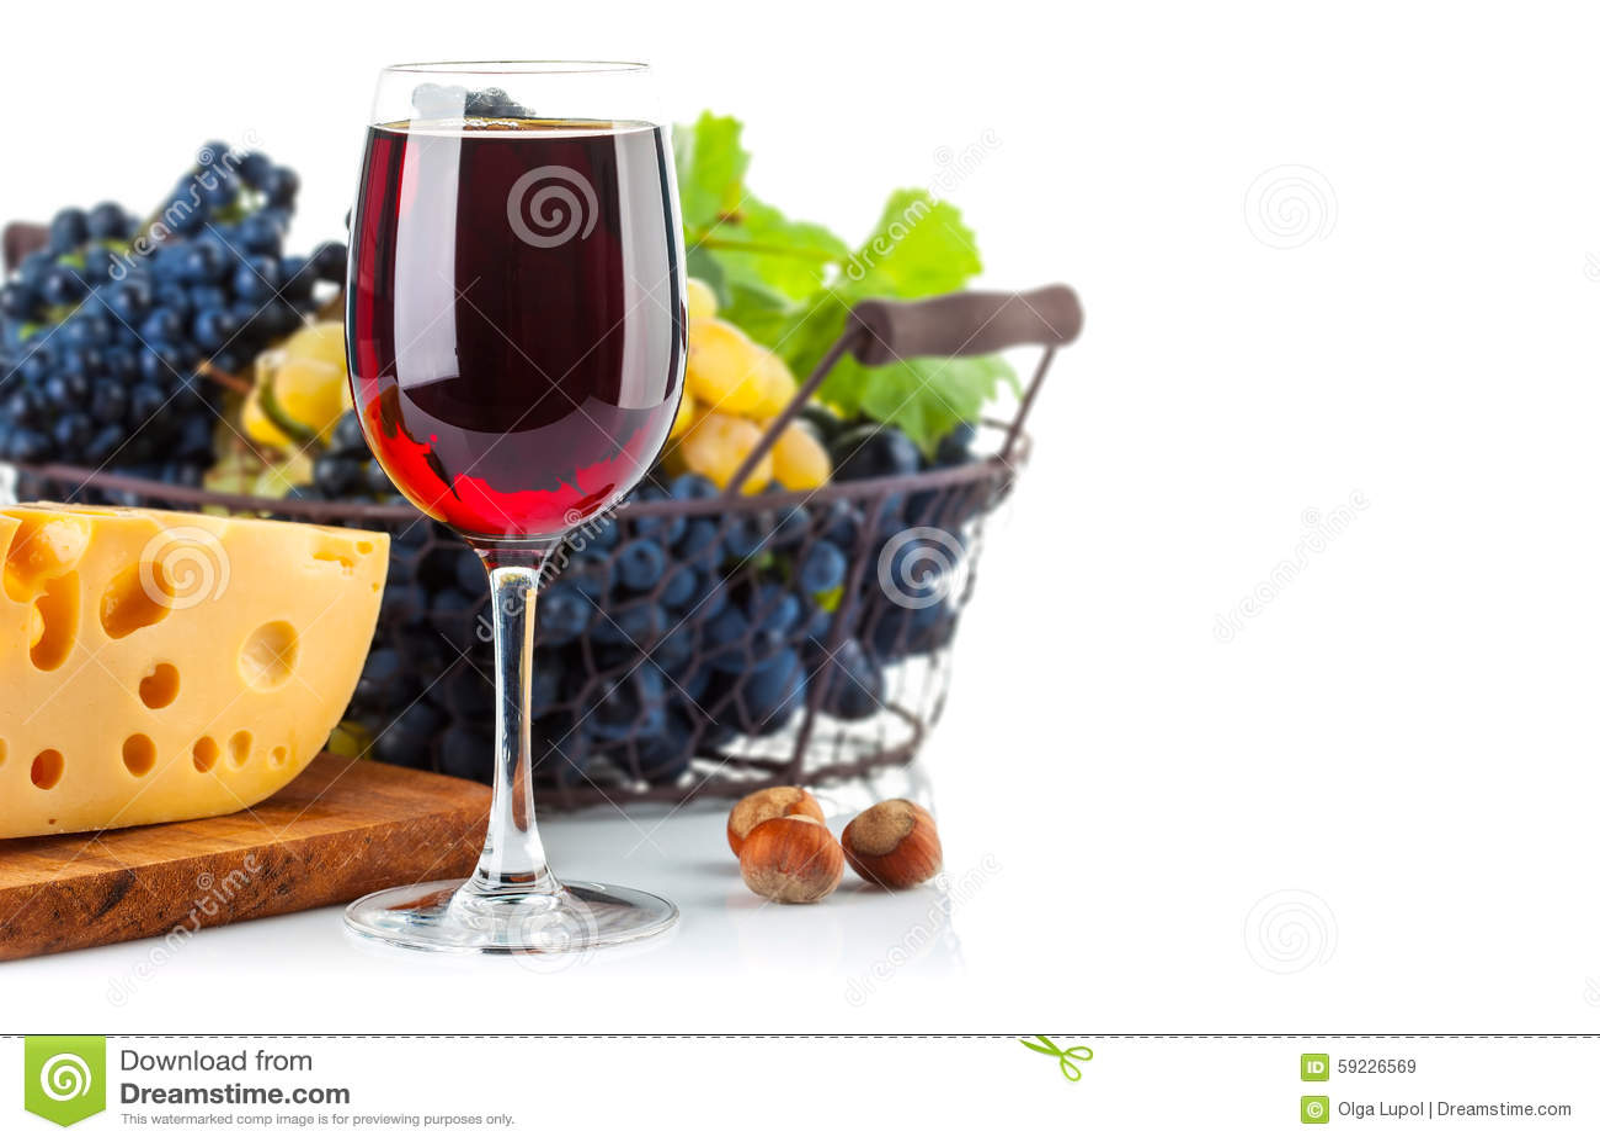 Download Vino Rojo De Cristal Con Las Uvas Y El Queso Imagen de archivo - Imagen de cesta, disposición: 59226569